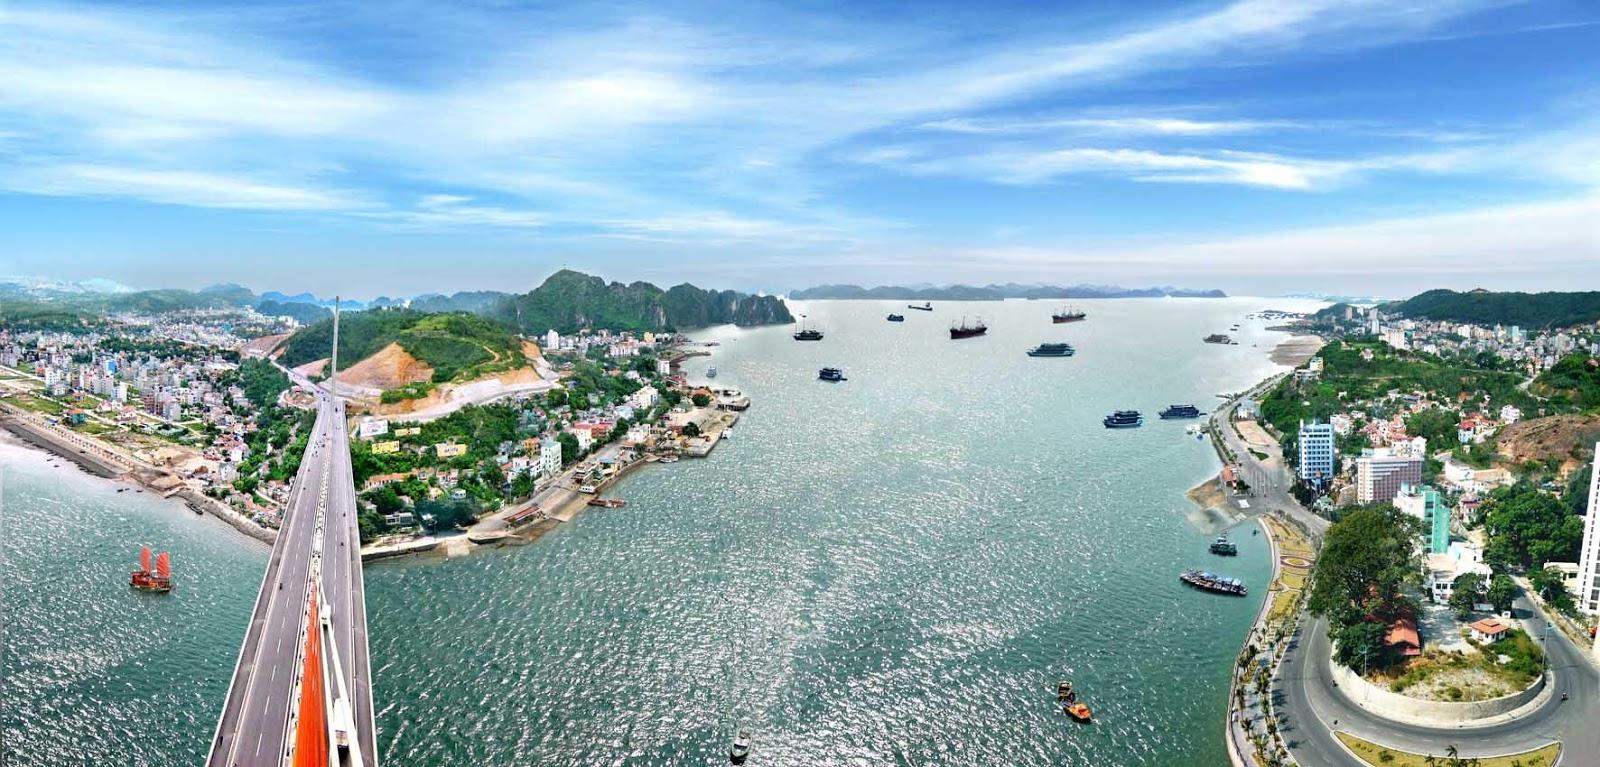 Shark Hưng: Thị trường BĐS gắn liền với du lịch tại Hạ Long đầy triển vọng phát triển - Ảnh 1